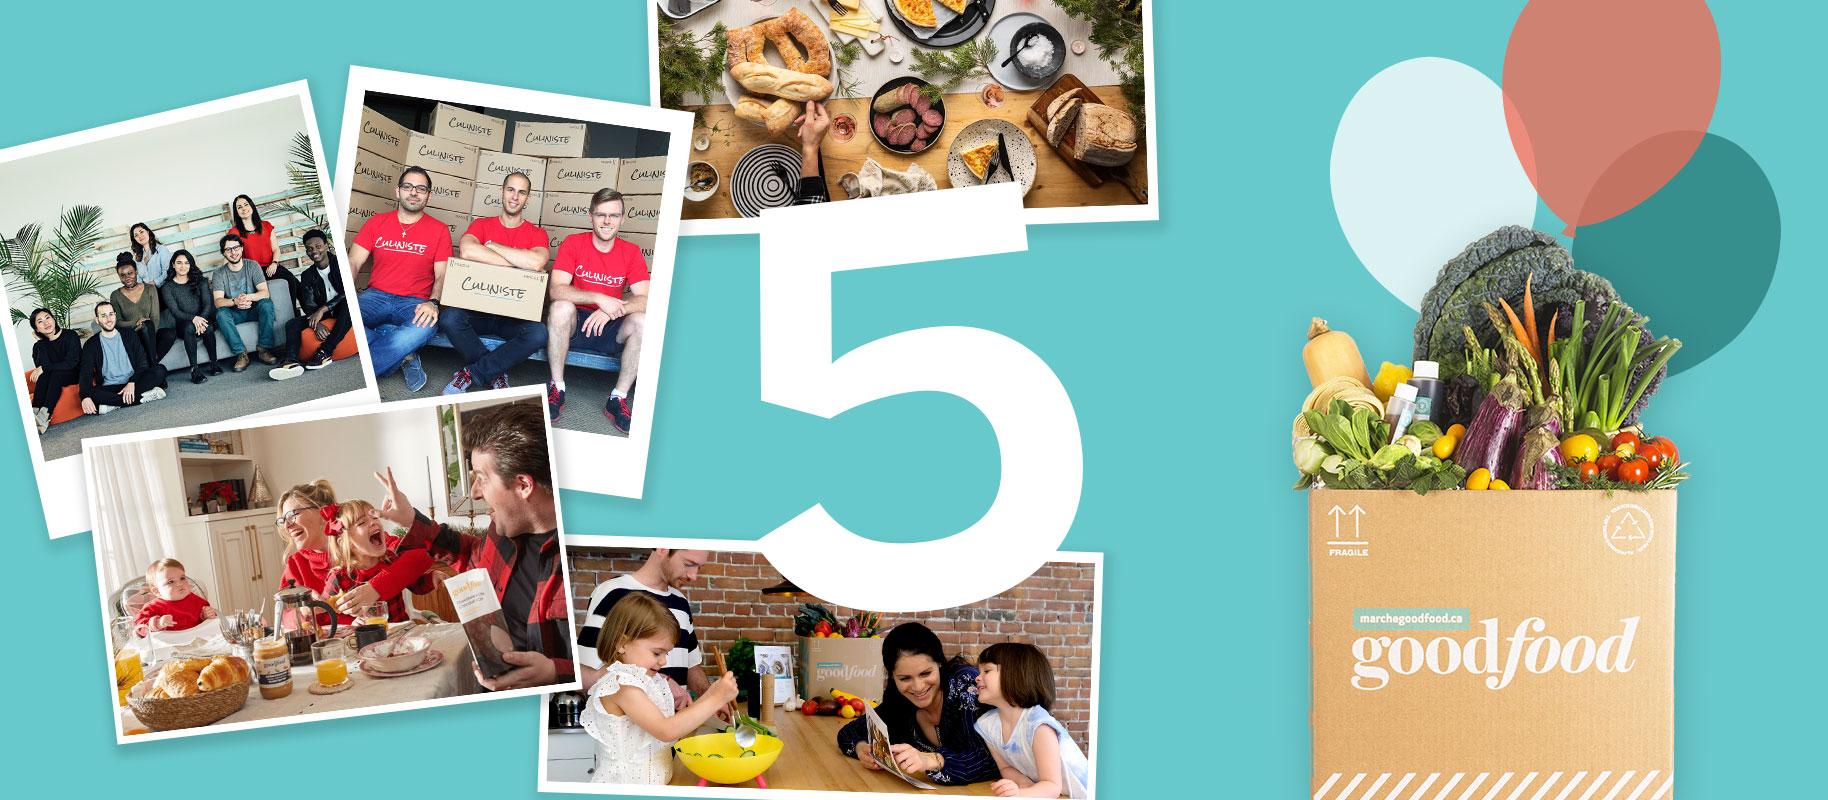 Le Marché Goodfood fête ses 5 ans